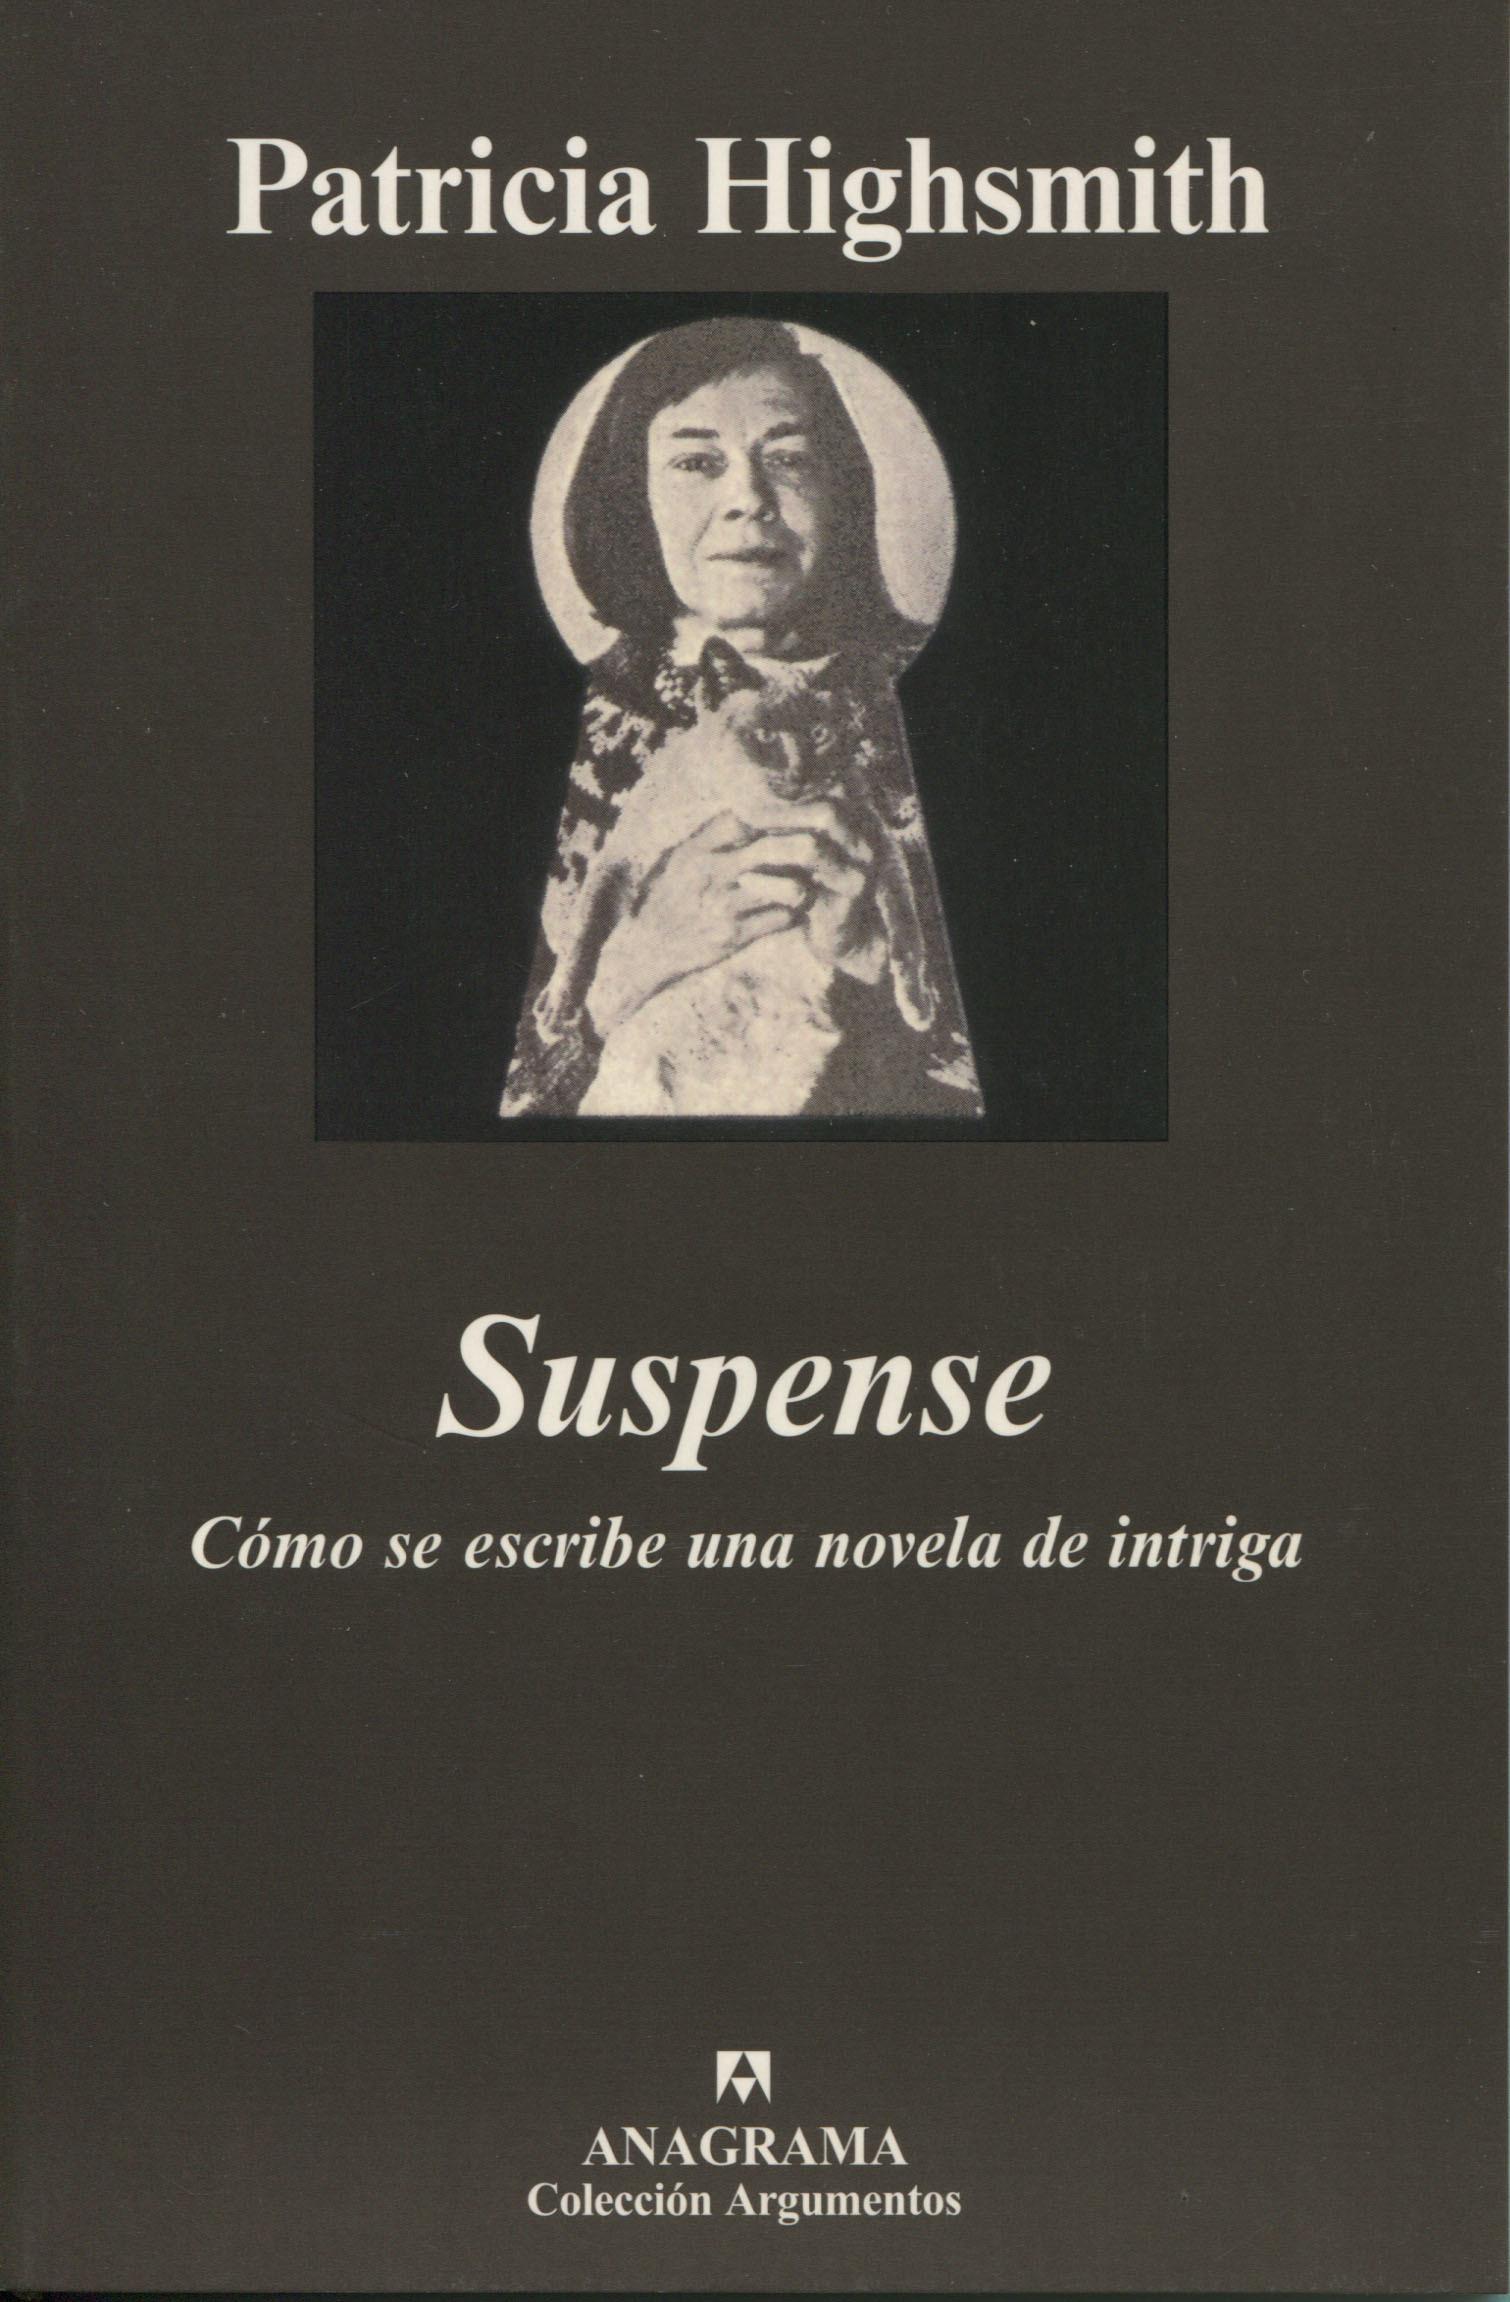 'Suspense. Cómo se escribe una novela de intriga', Patricia Highsmith